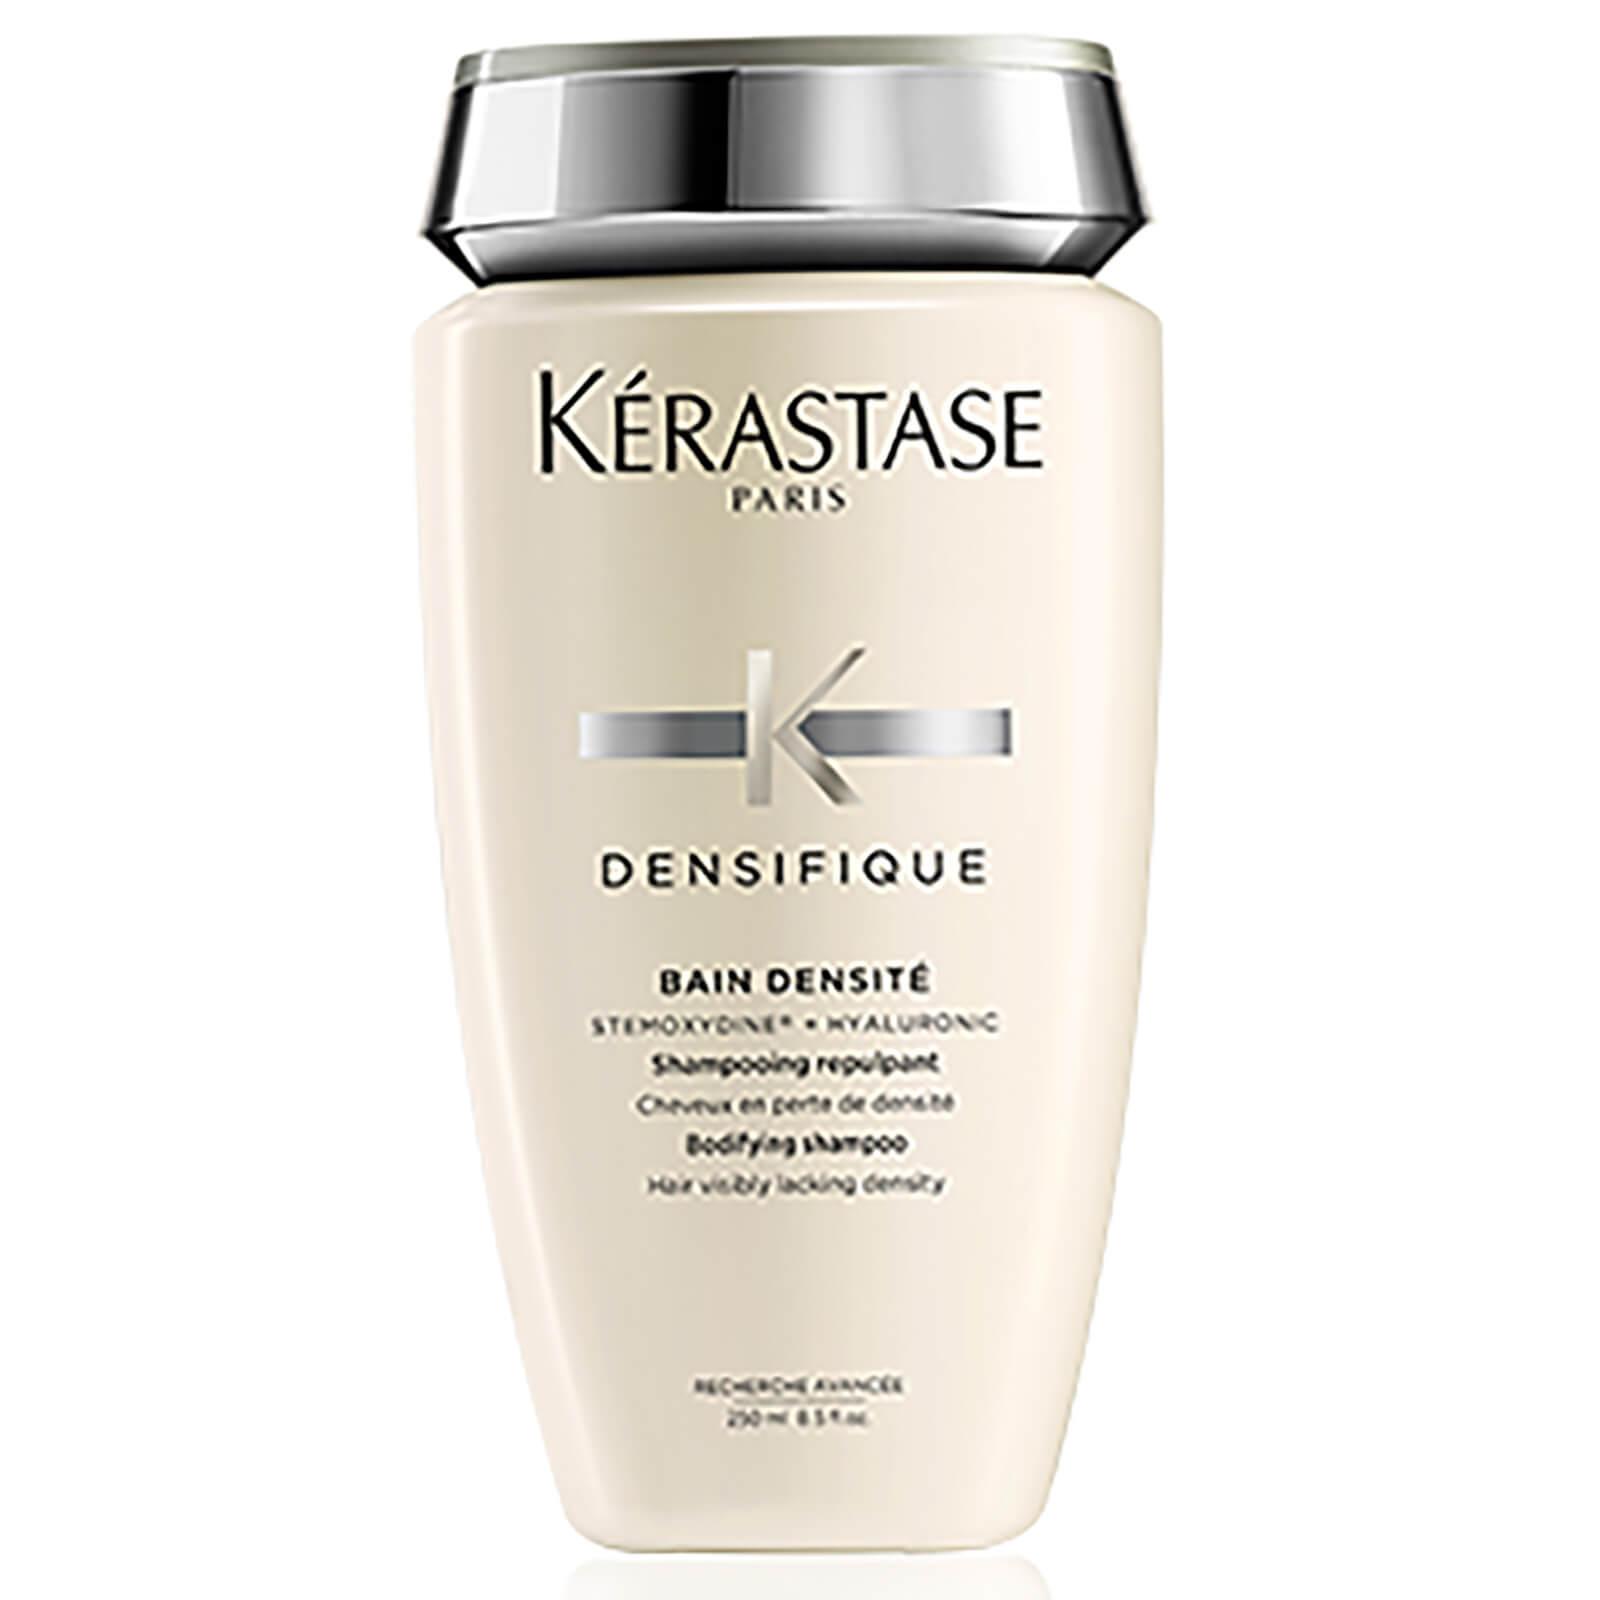 Kérastase Densifique Bain Densite (250ml) - Gratis Lieferservice ...